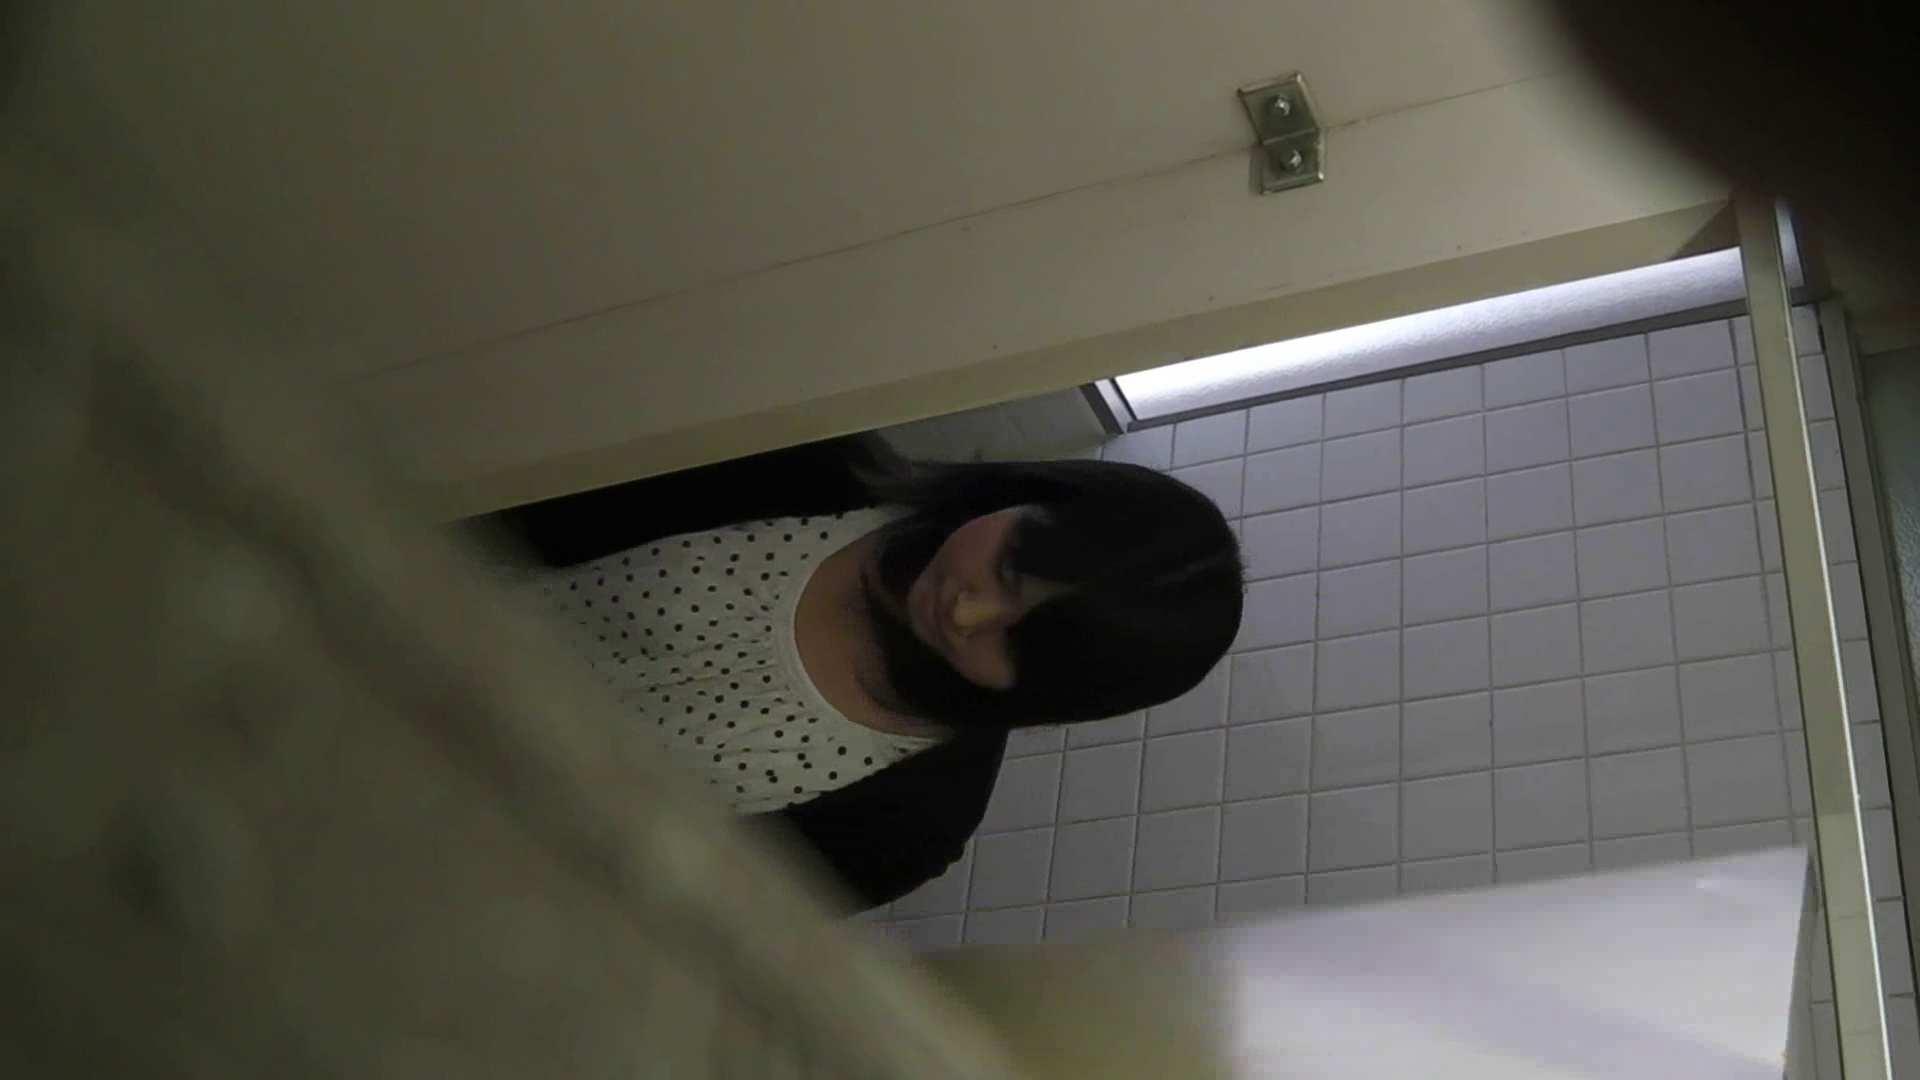 【美しき個室な世界】 vol.023 めんこい人たち 洗面所 | 色っぽいOL達  104pic 47